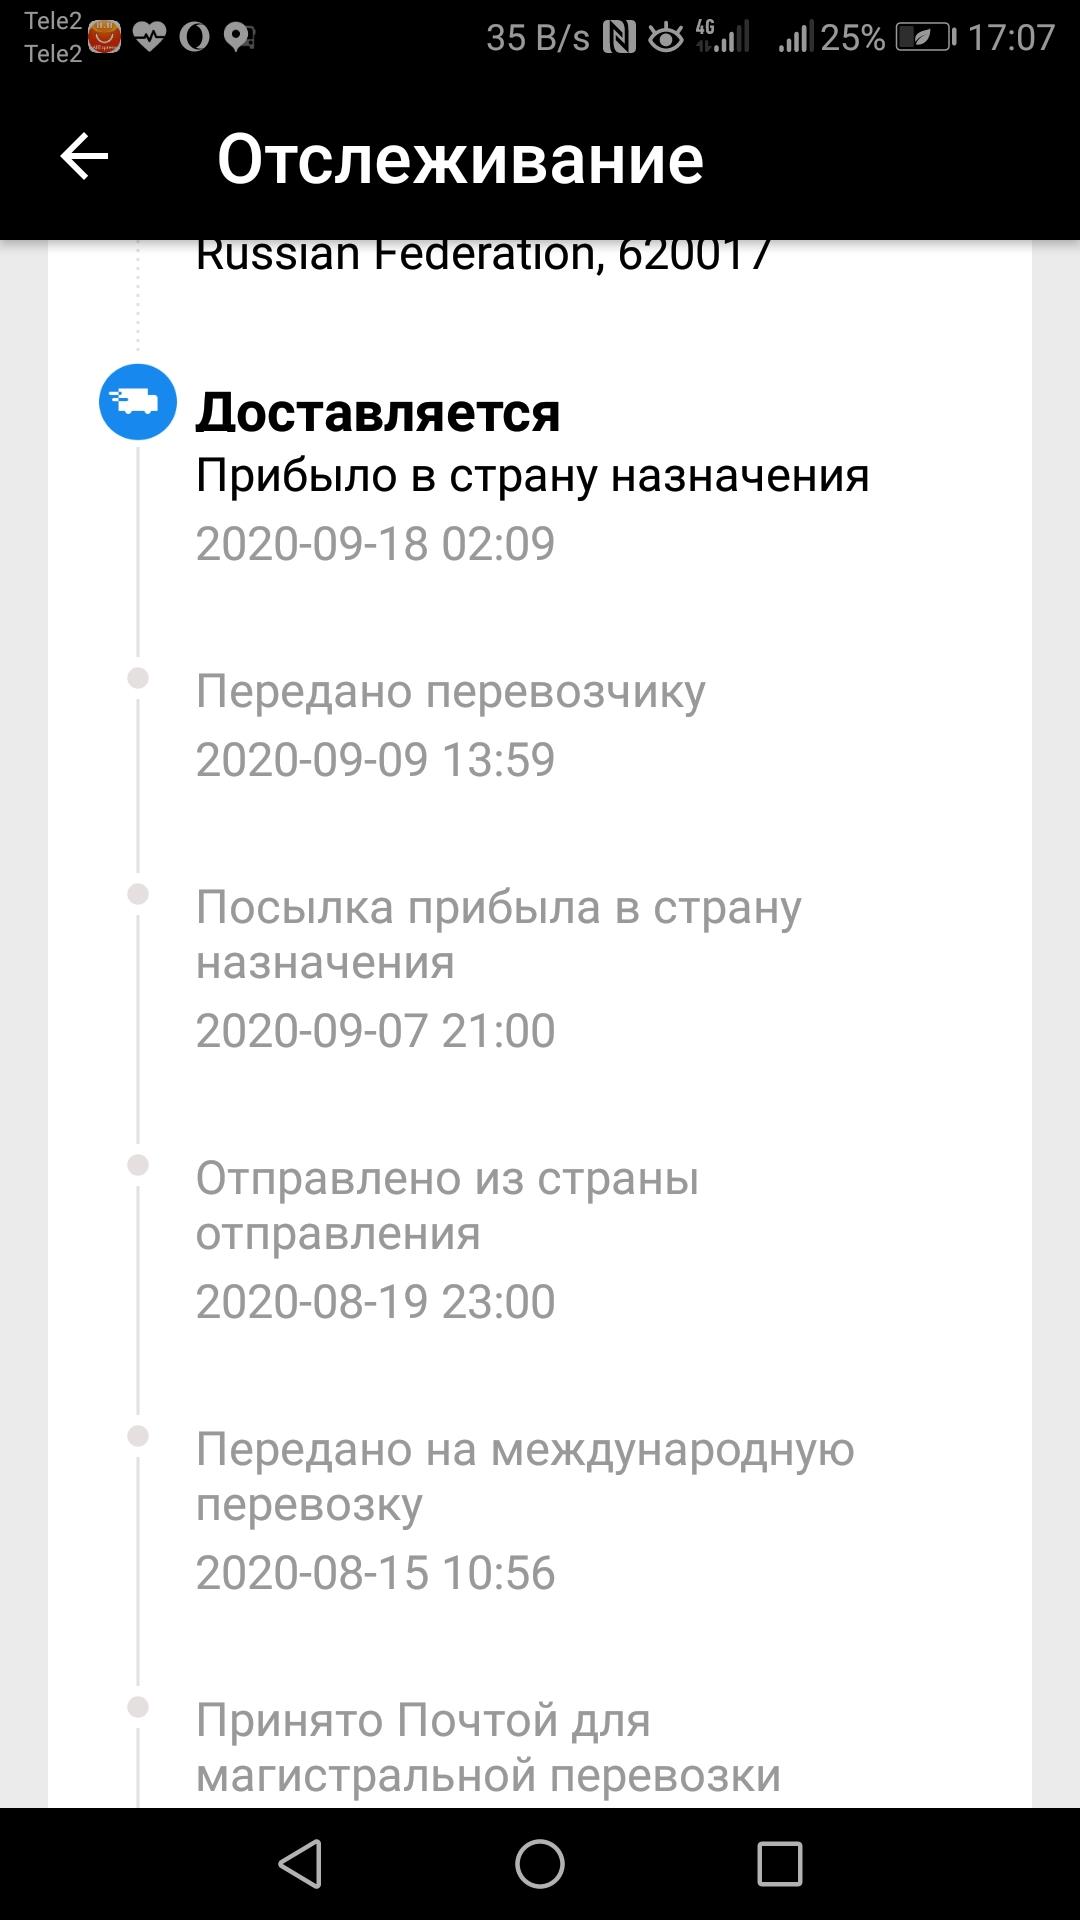 Screenshot_20201109-170734[3].jpg